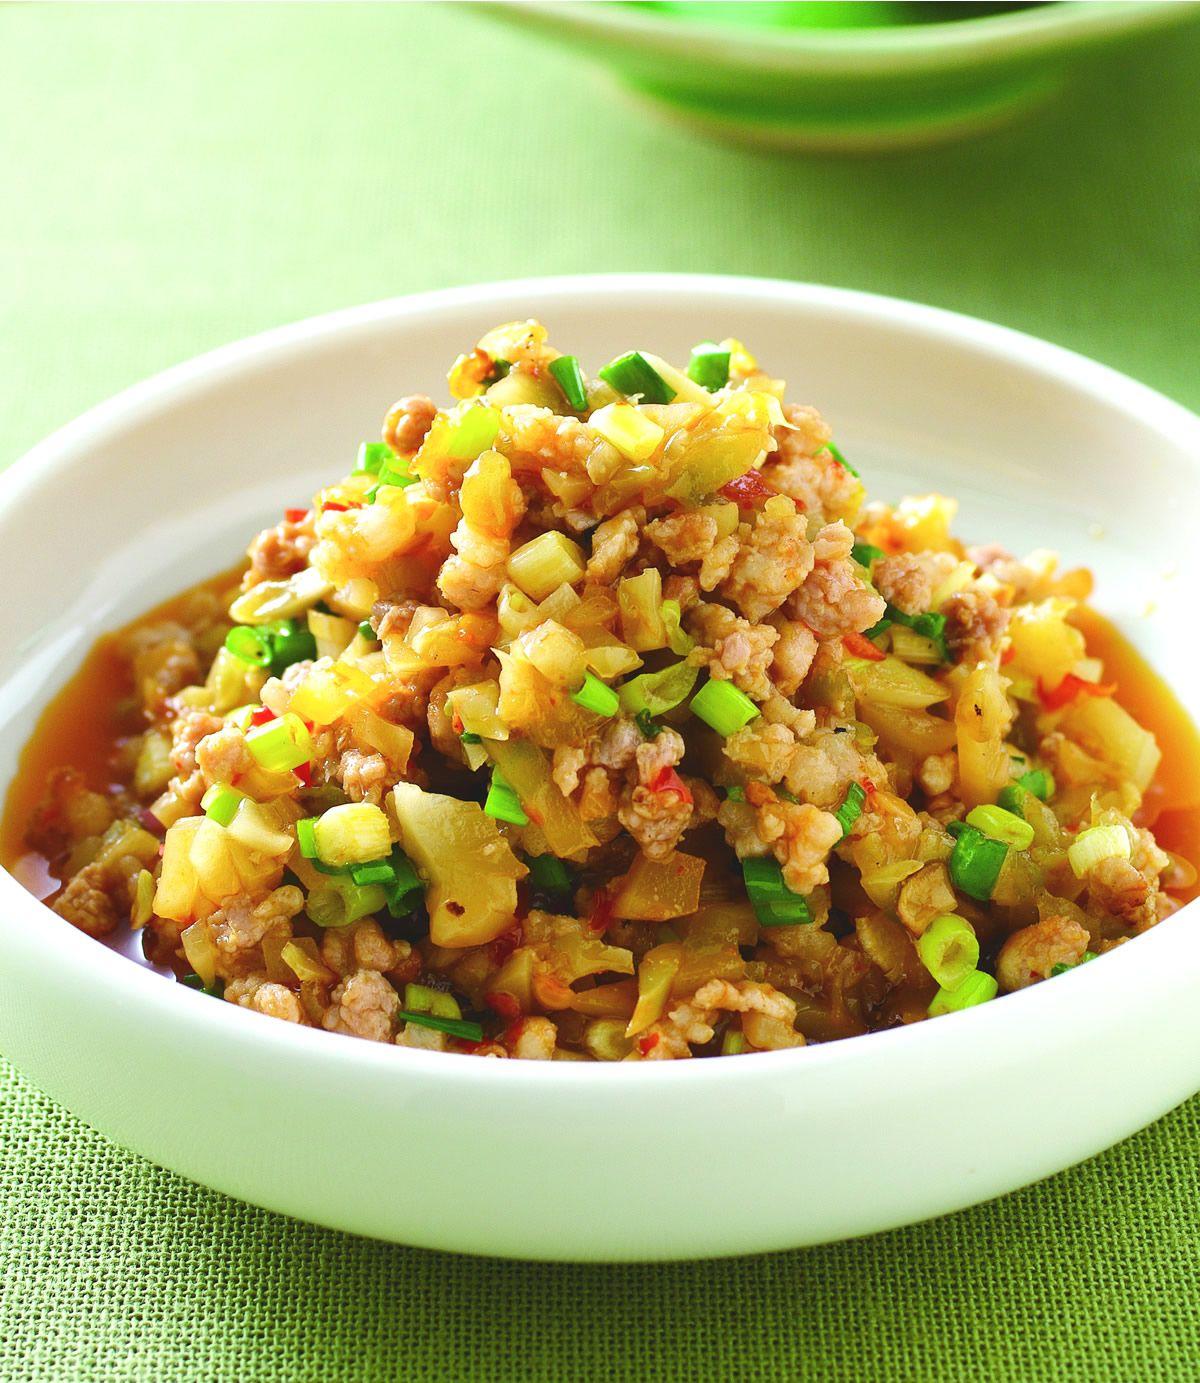 做法肉酱(1)粉丝榨菜大虾蒜蓉图片